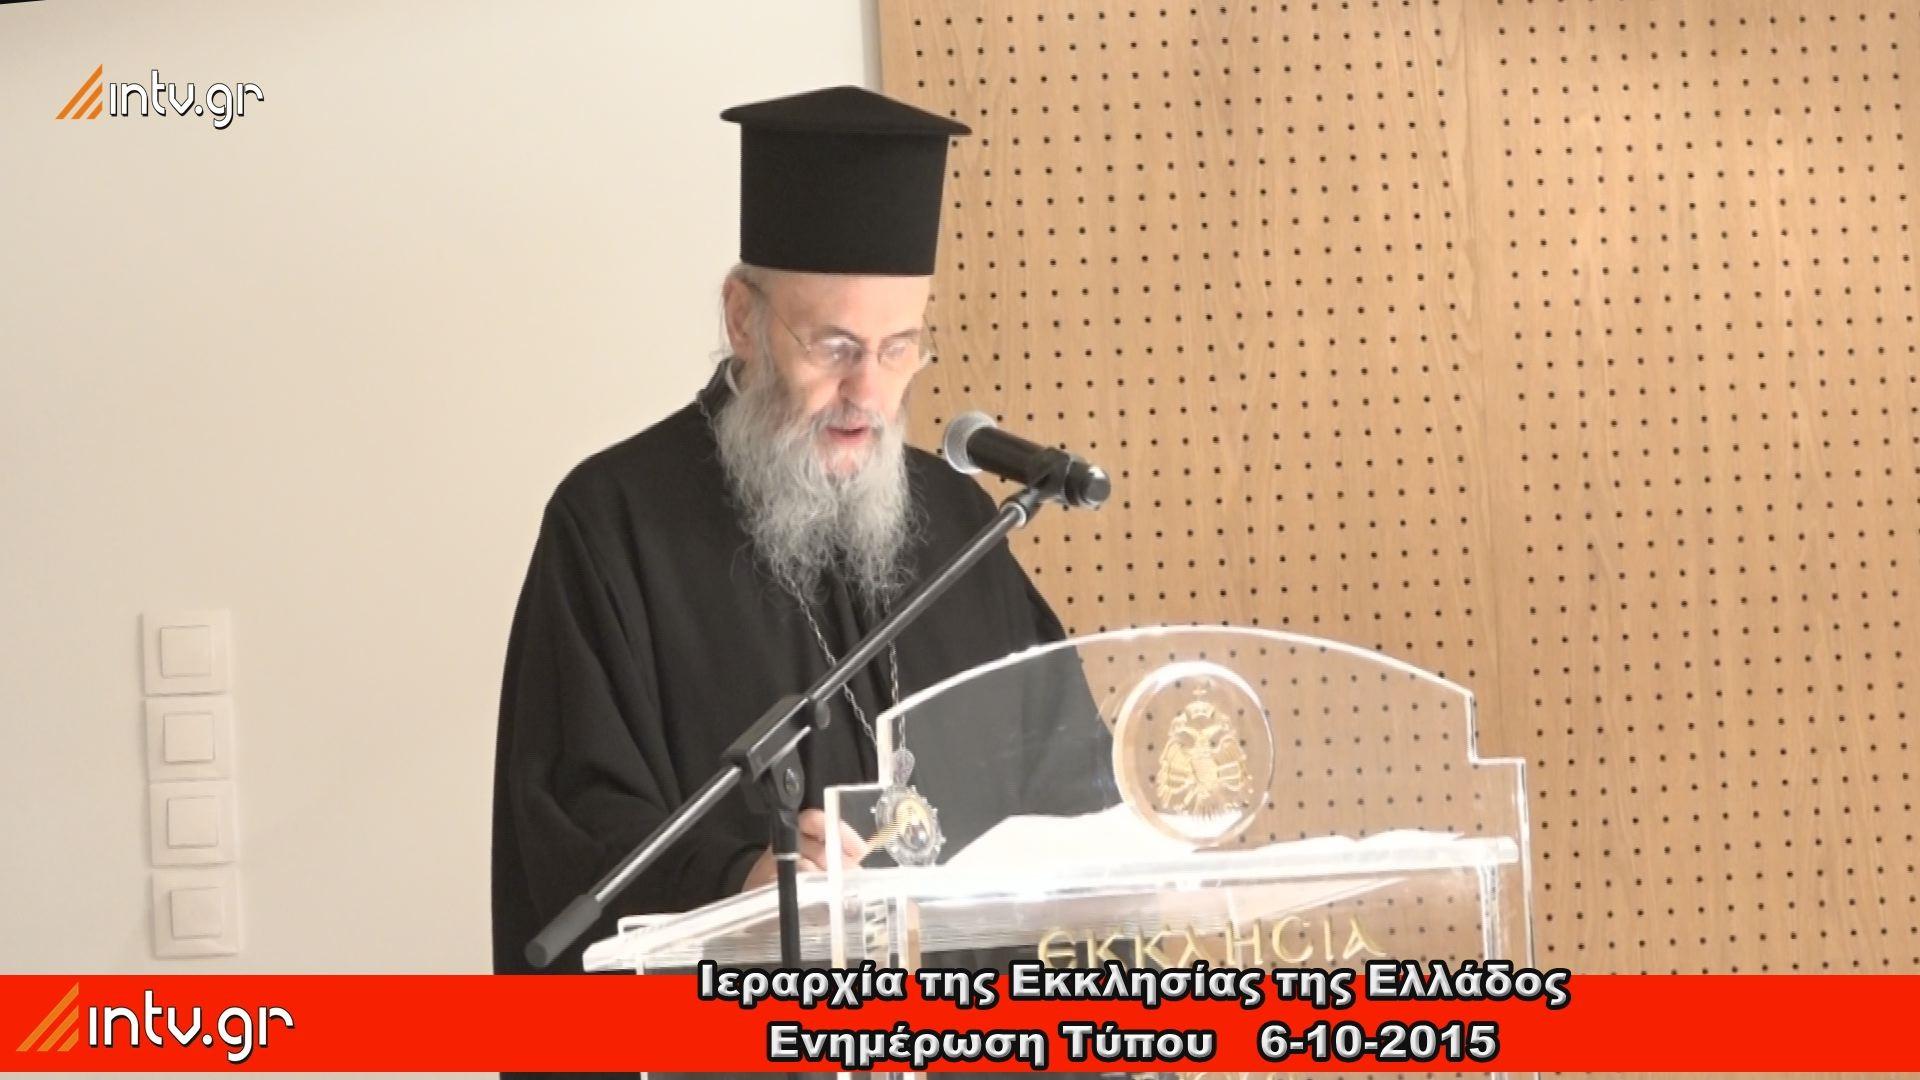 Ιεραρχία της Εκκλησίας της Ελλάδος Ενημέρωση Τύπου - 6-10-2015